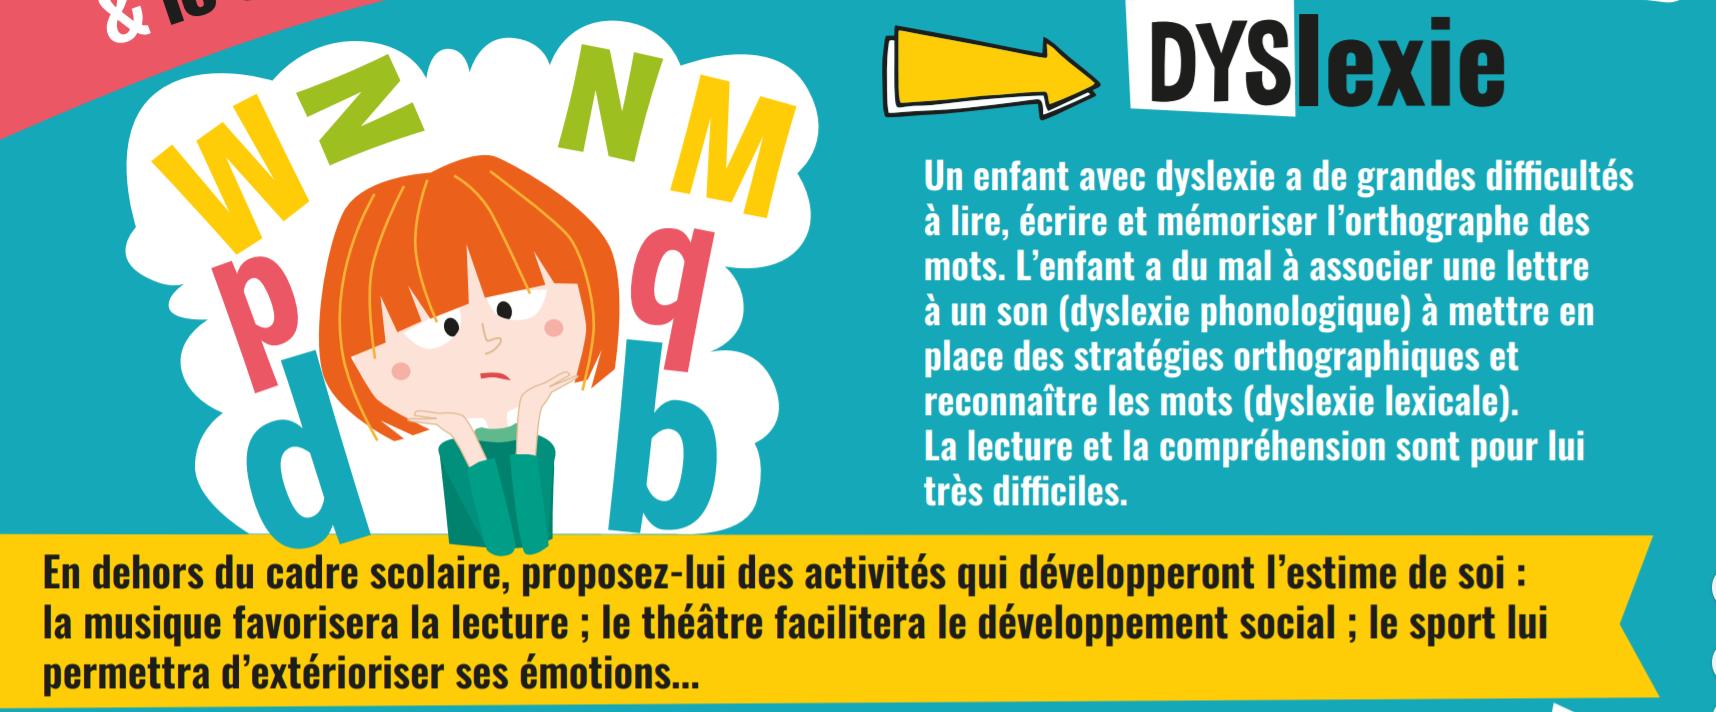 """Infographie : """"Qu'est-ce que la dyslexie ?"""""""